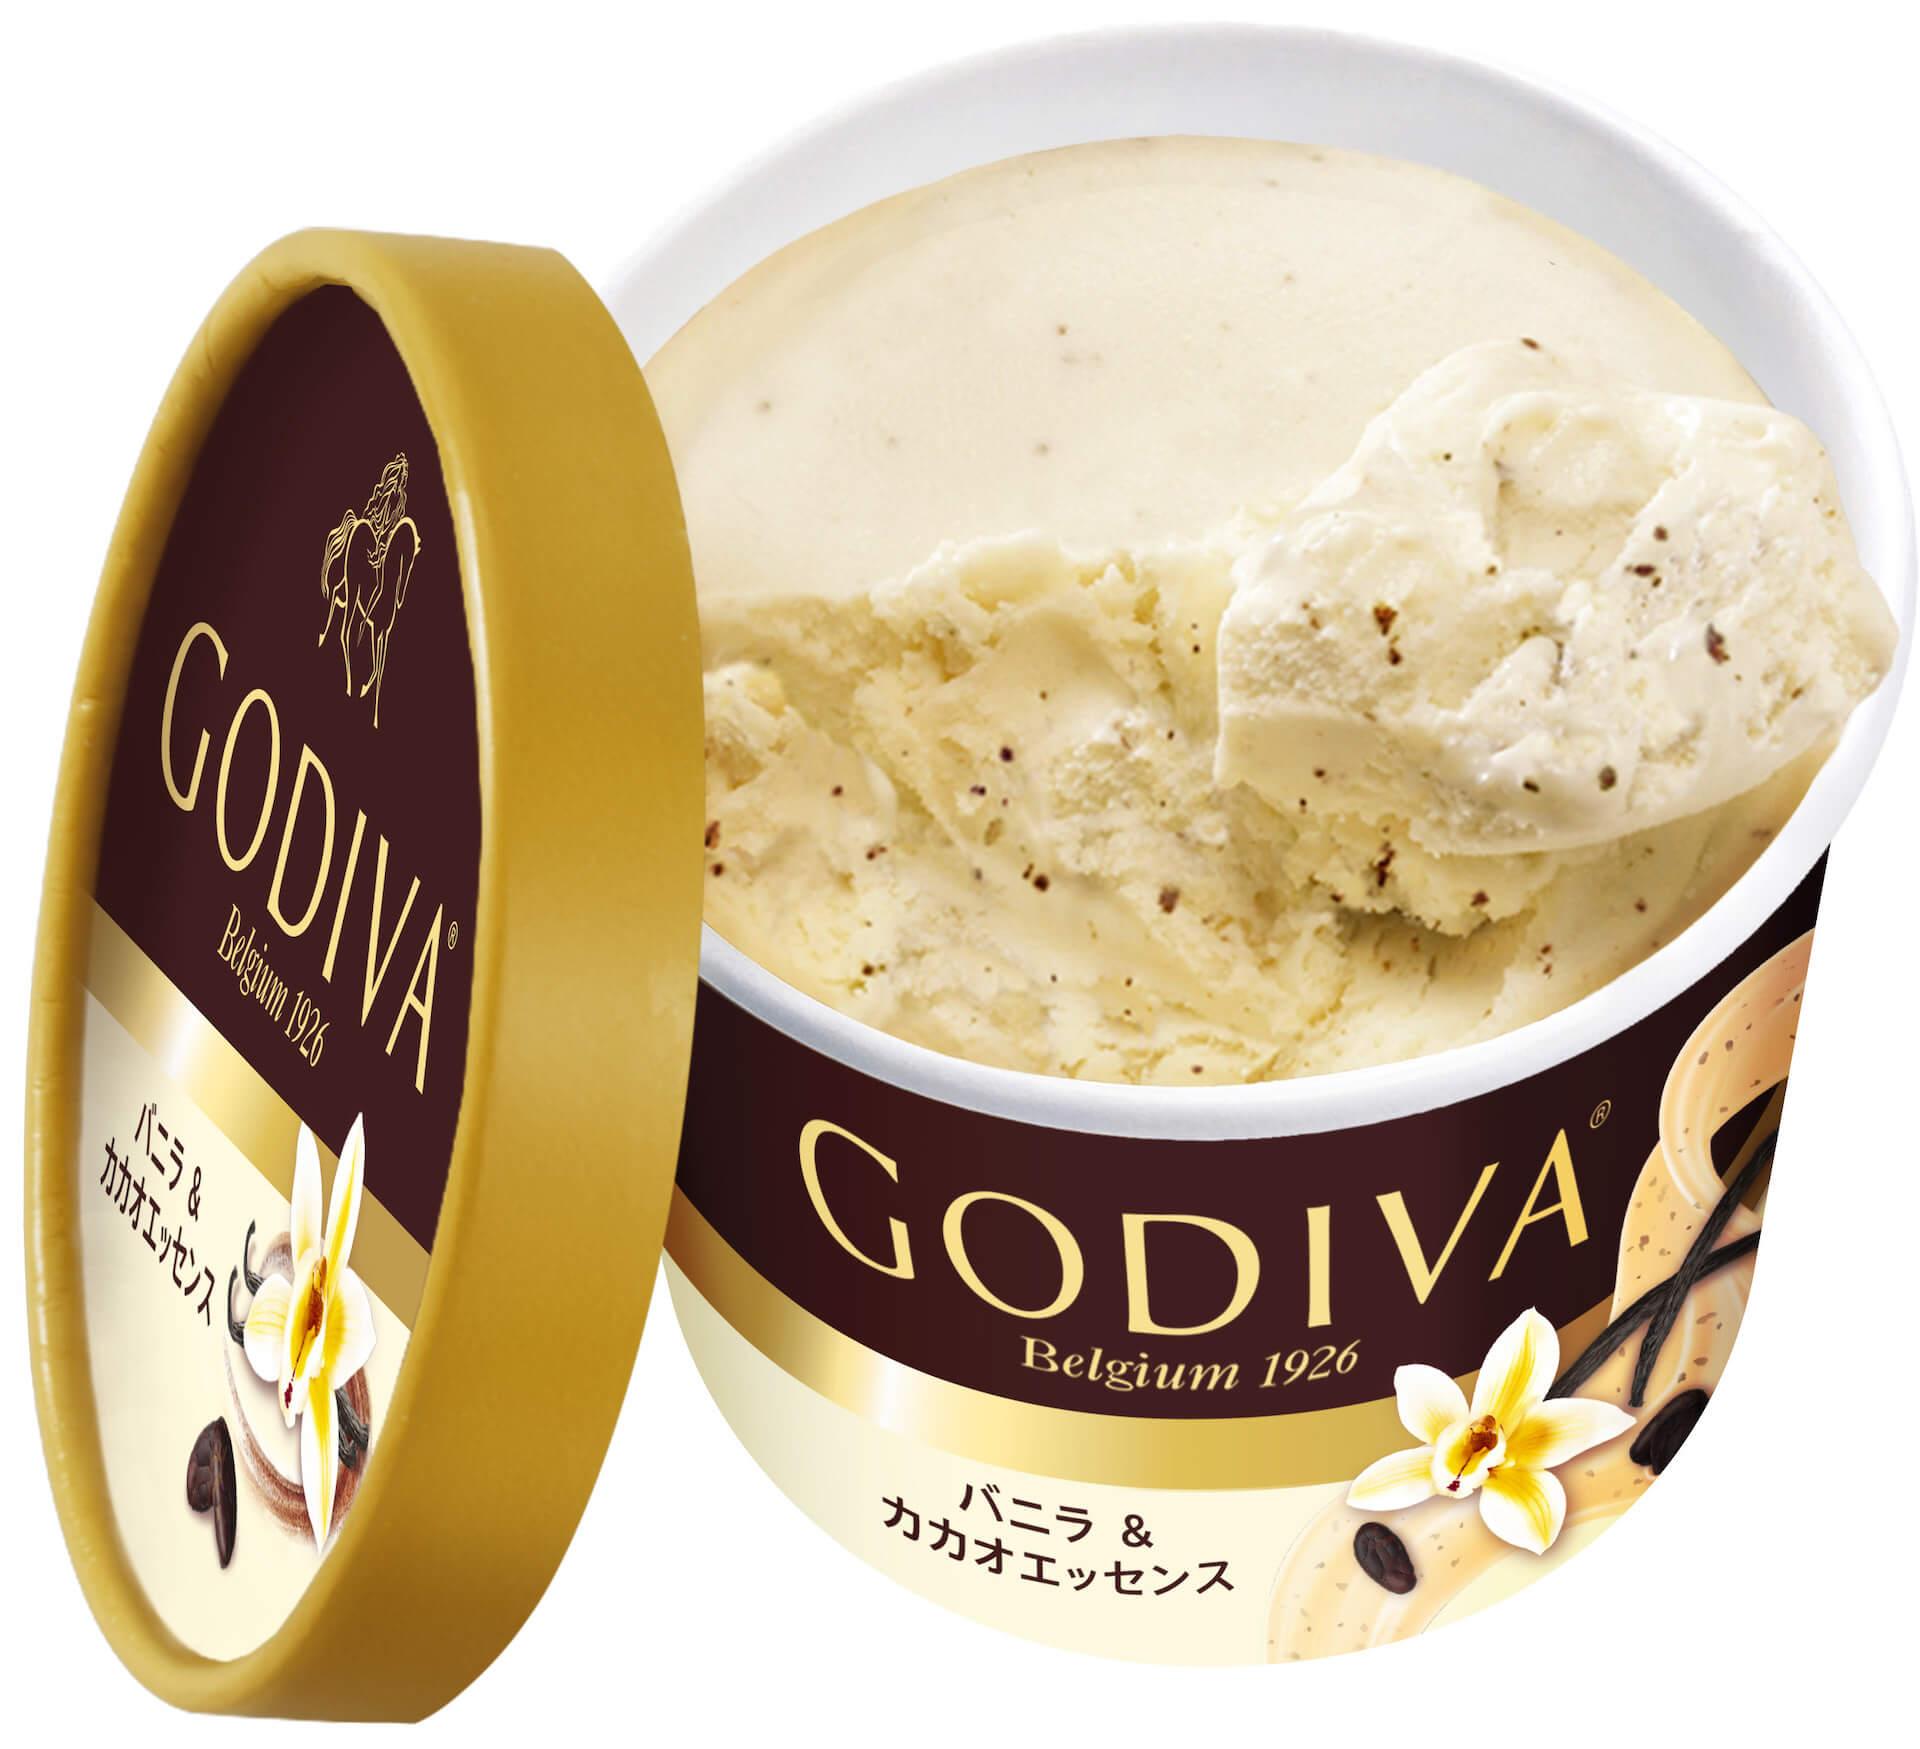 おうちで気軽にゴディバのチョコレートが楽しめる!ゴディバ『カップアイス』から新たなフレーバー5種類が登場 gourmet20201019_godiva_6